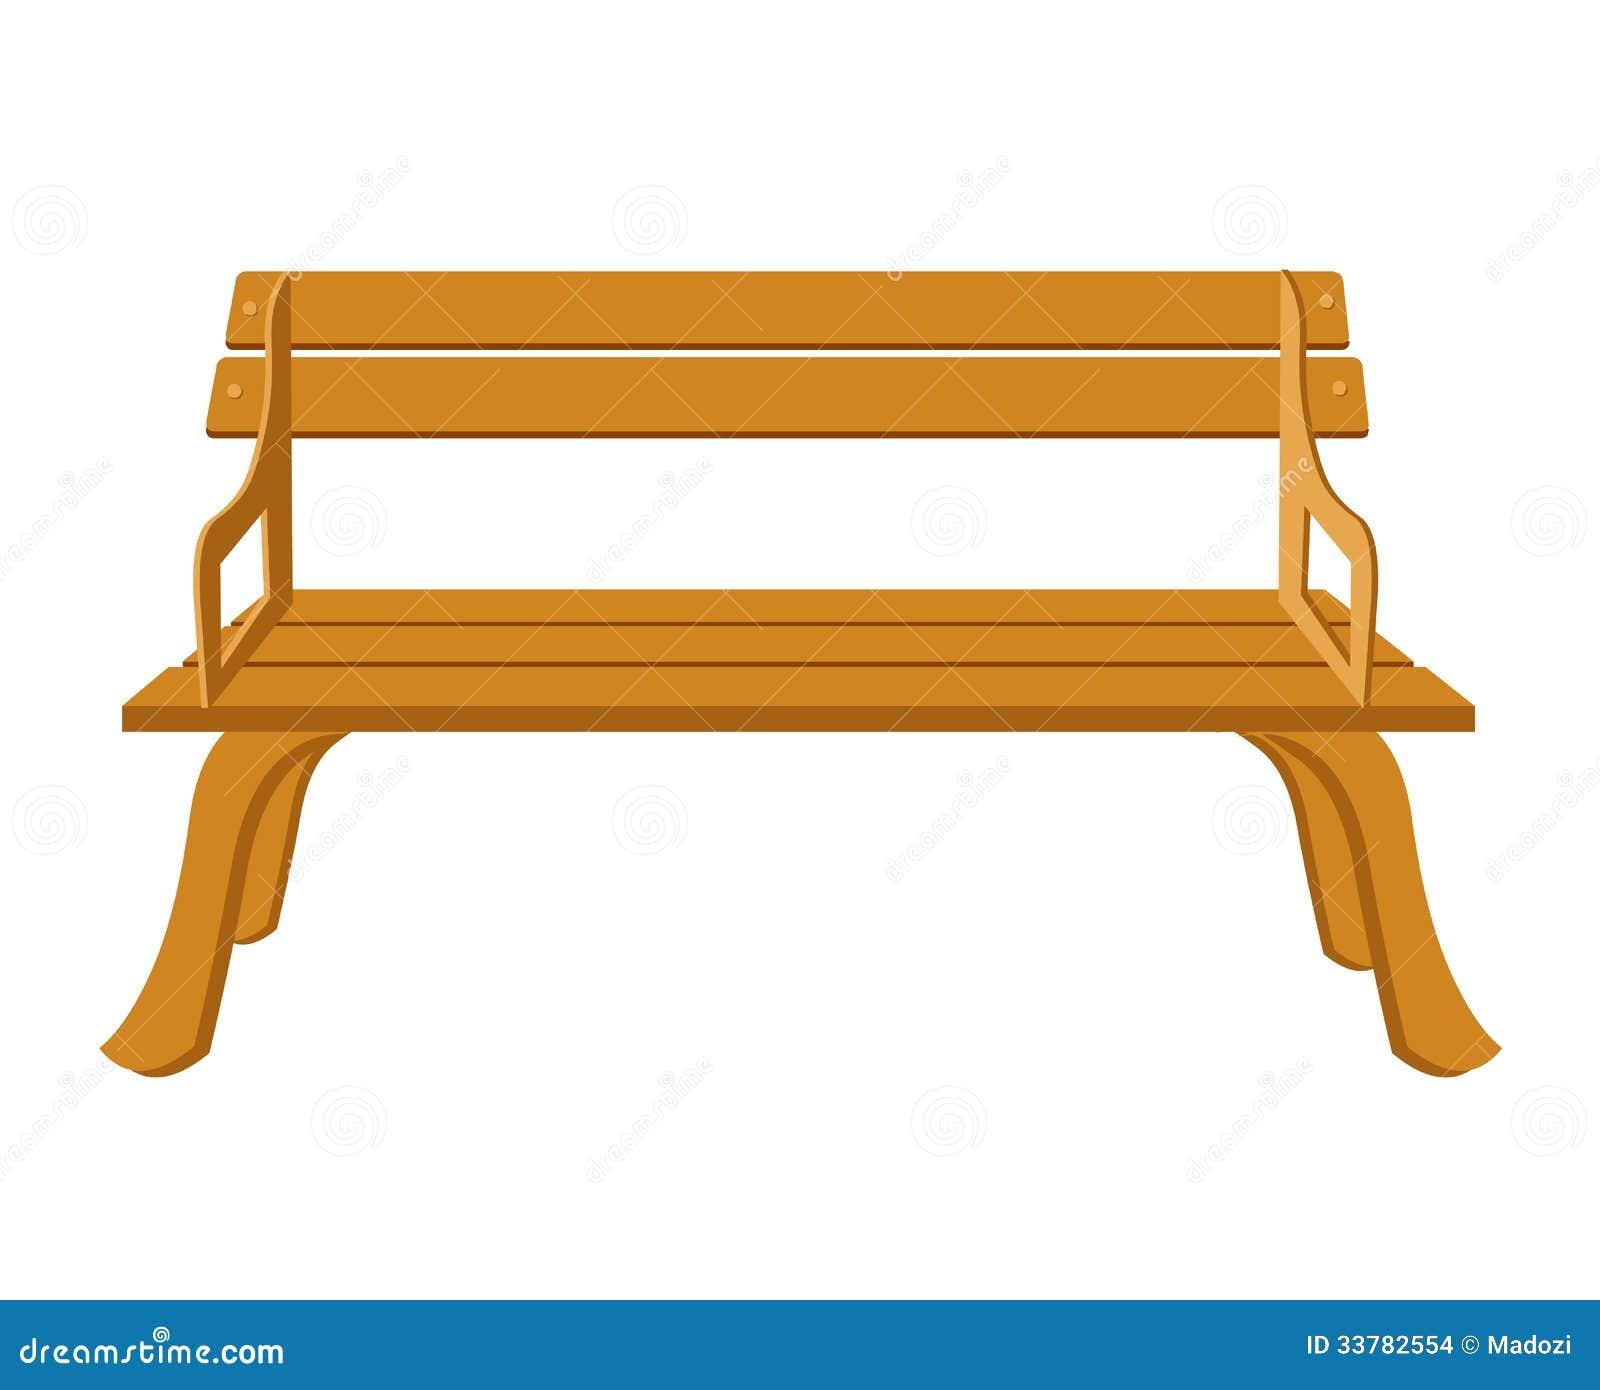 Cartoon Wooden Bench Empty garden bench stock illustrations, vectors ...